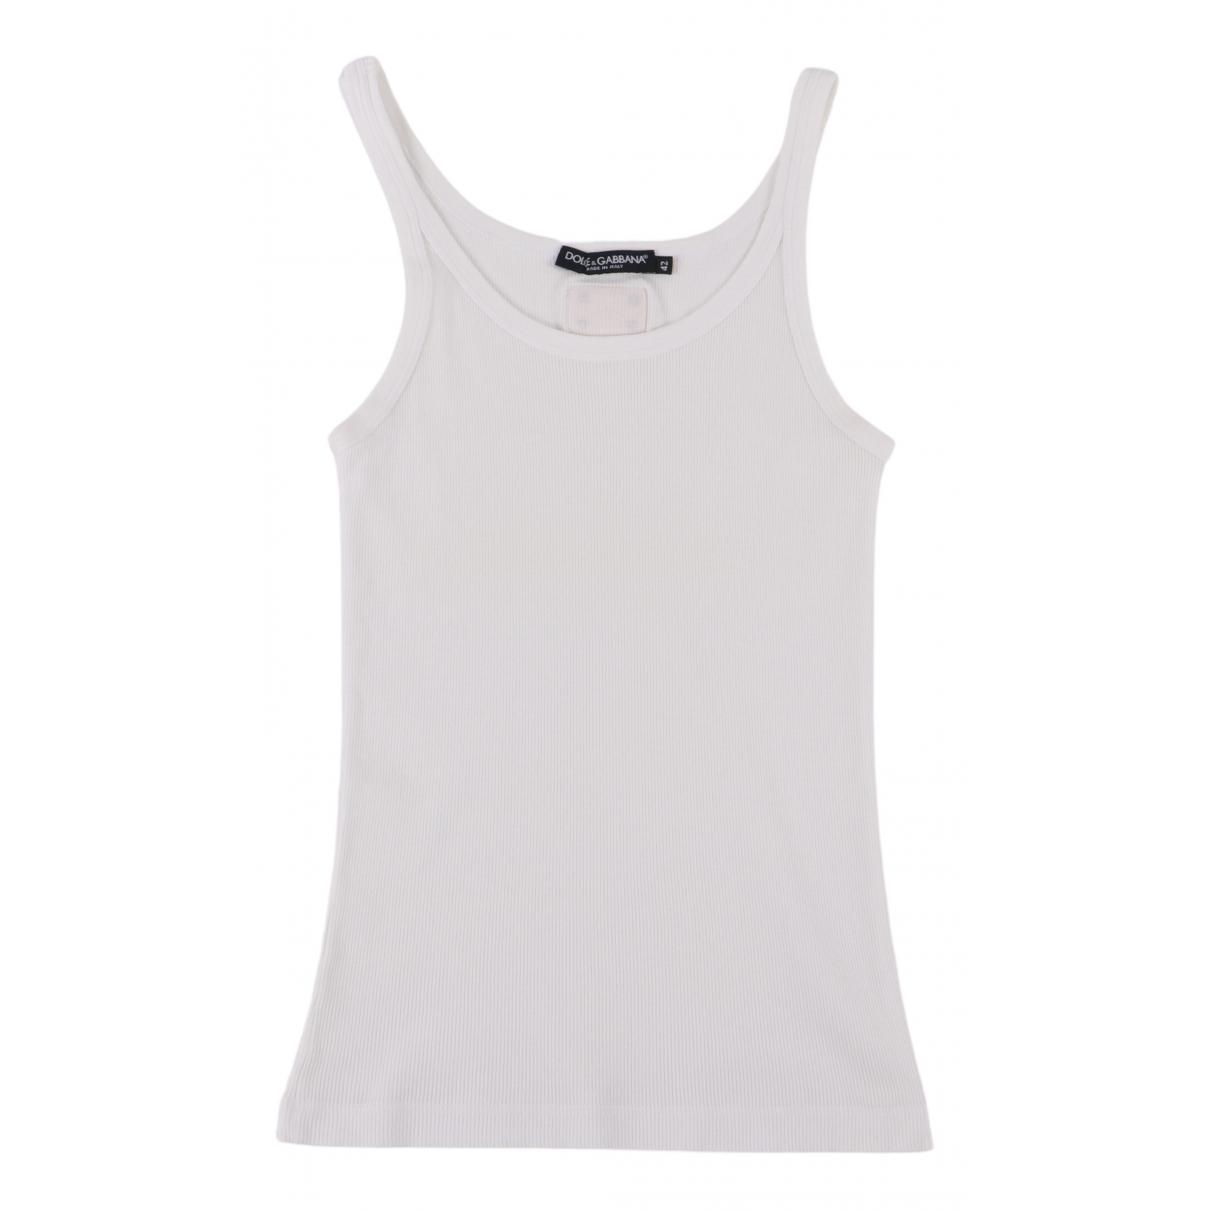 Dolce & Gabbana - Top   pour femme en coton - blanc